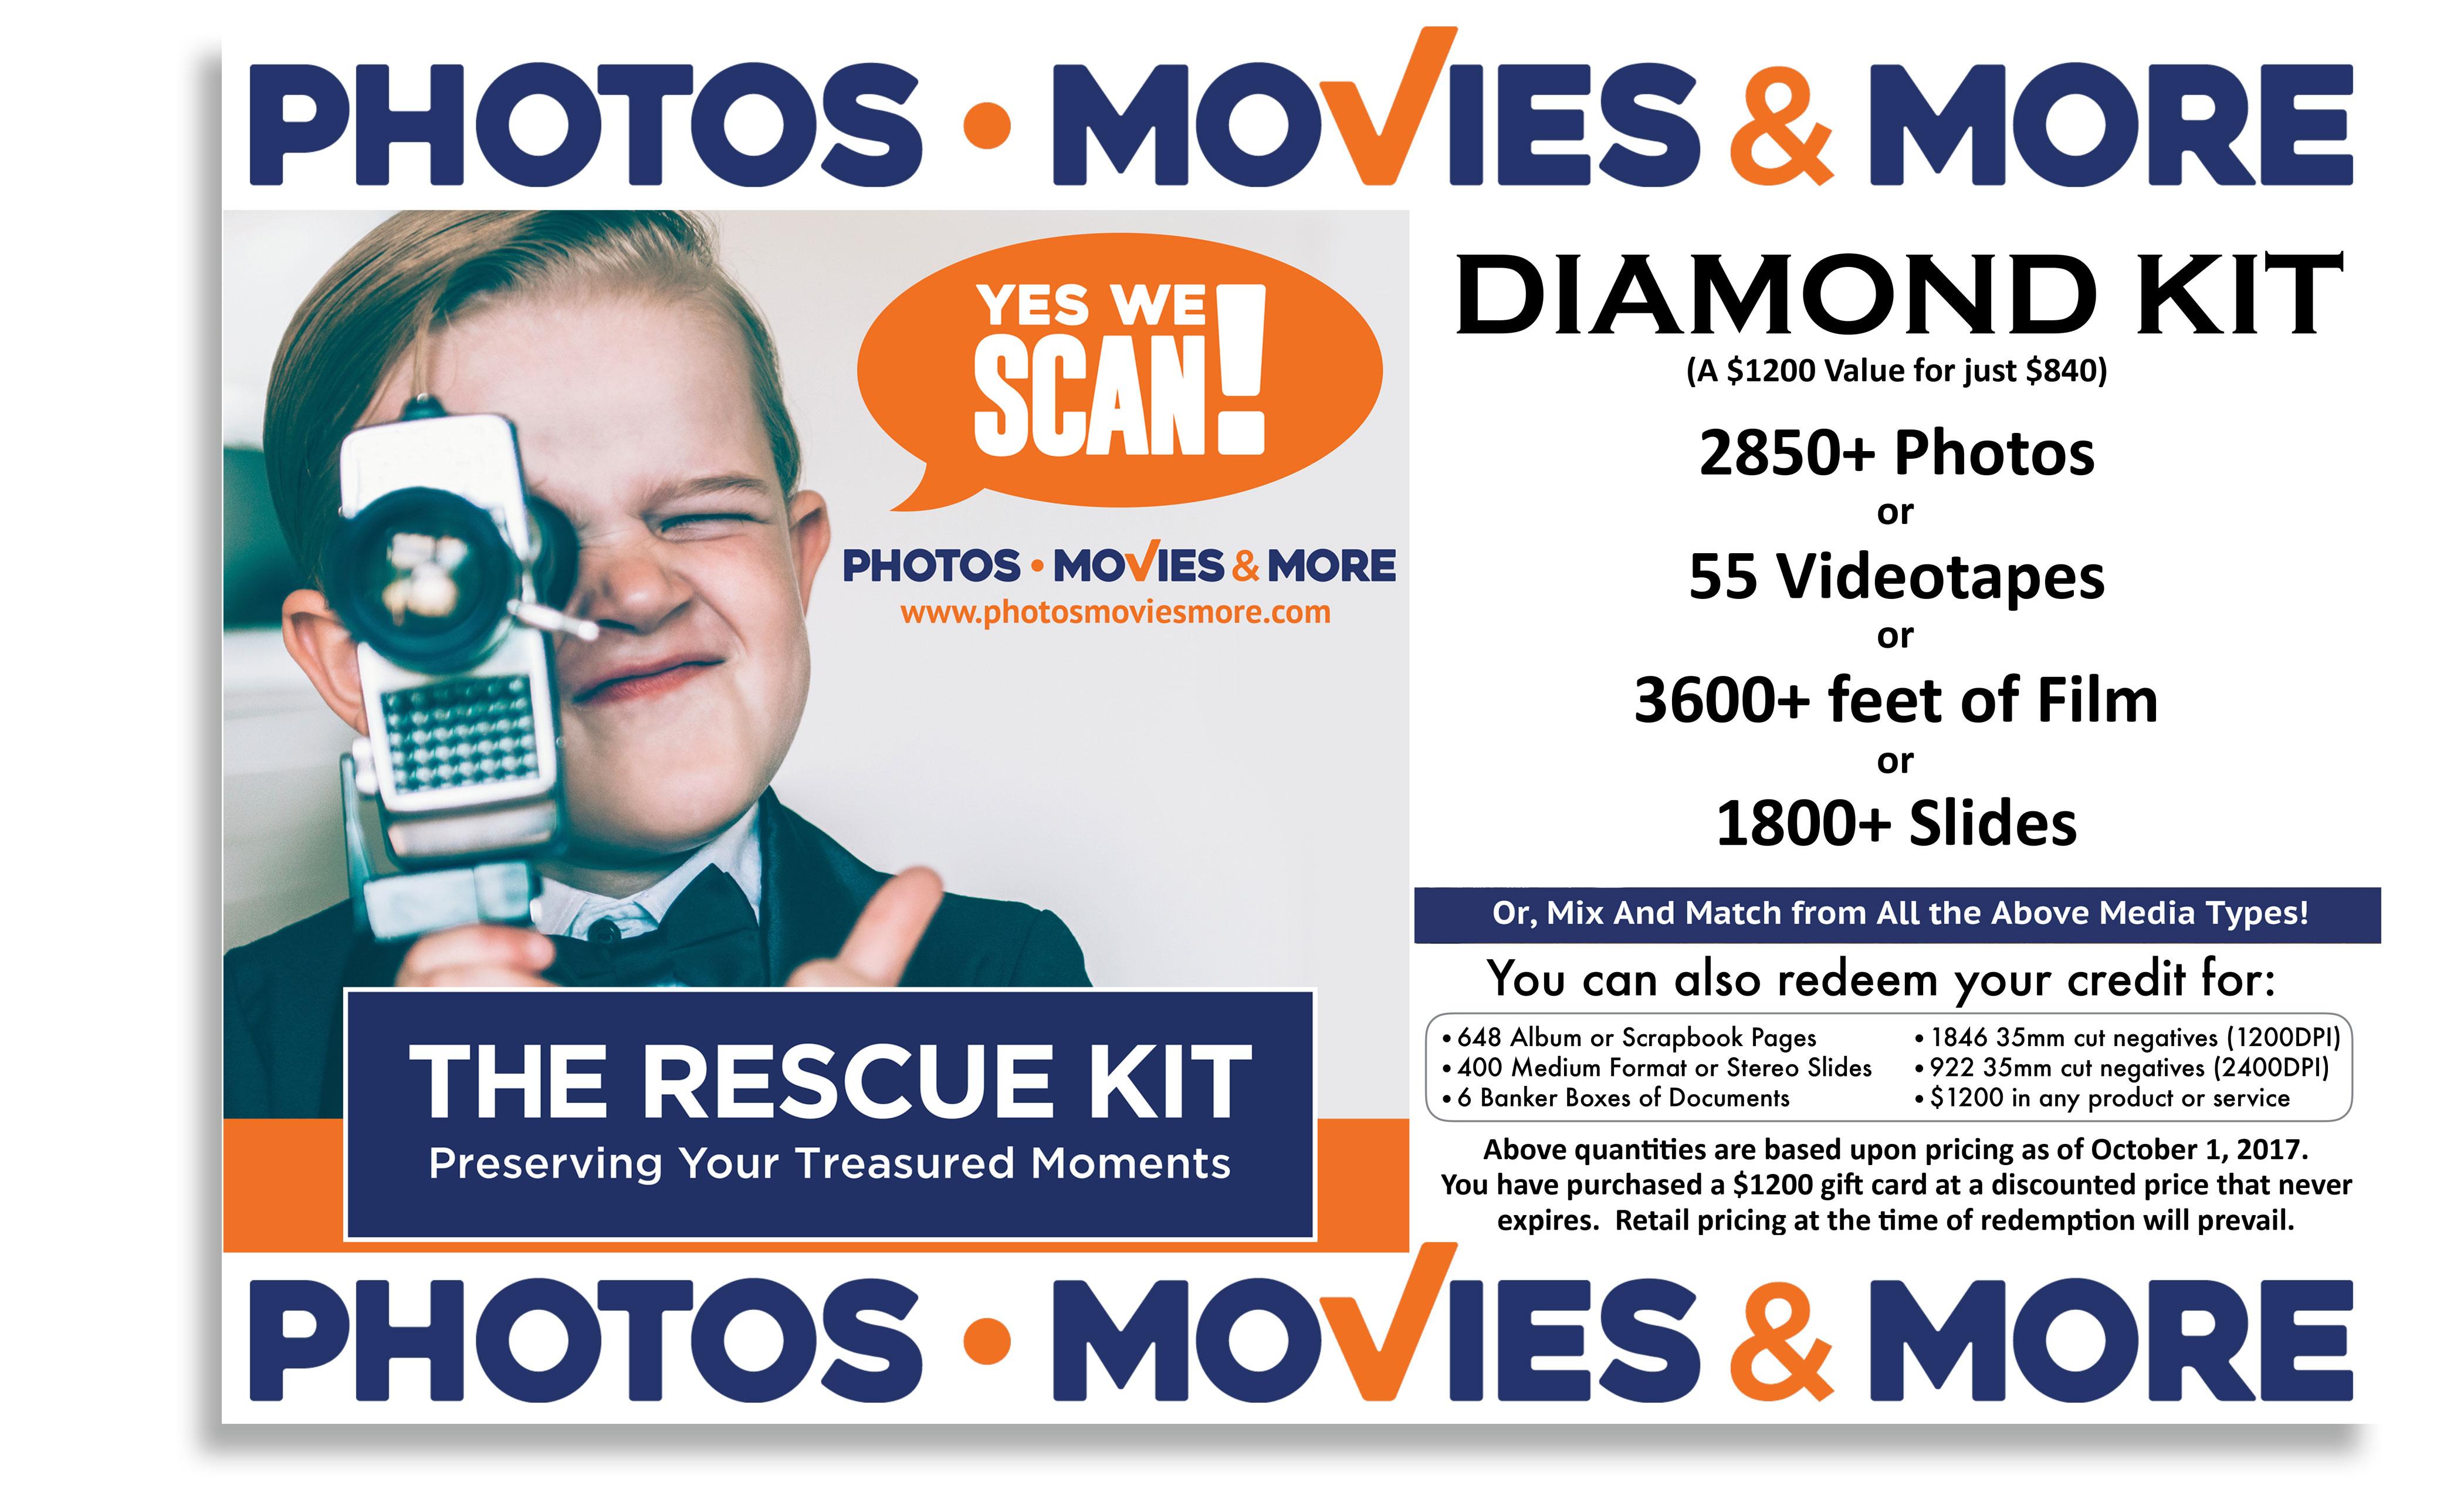 Diamond Kit